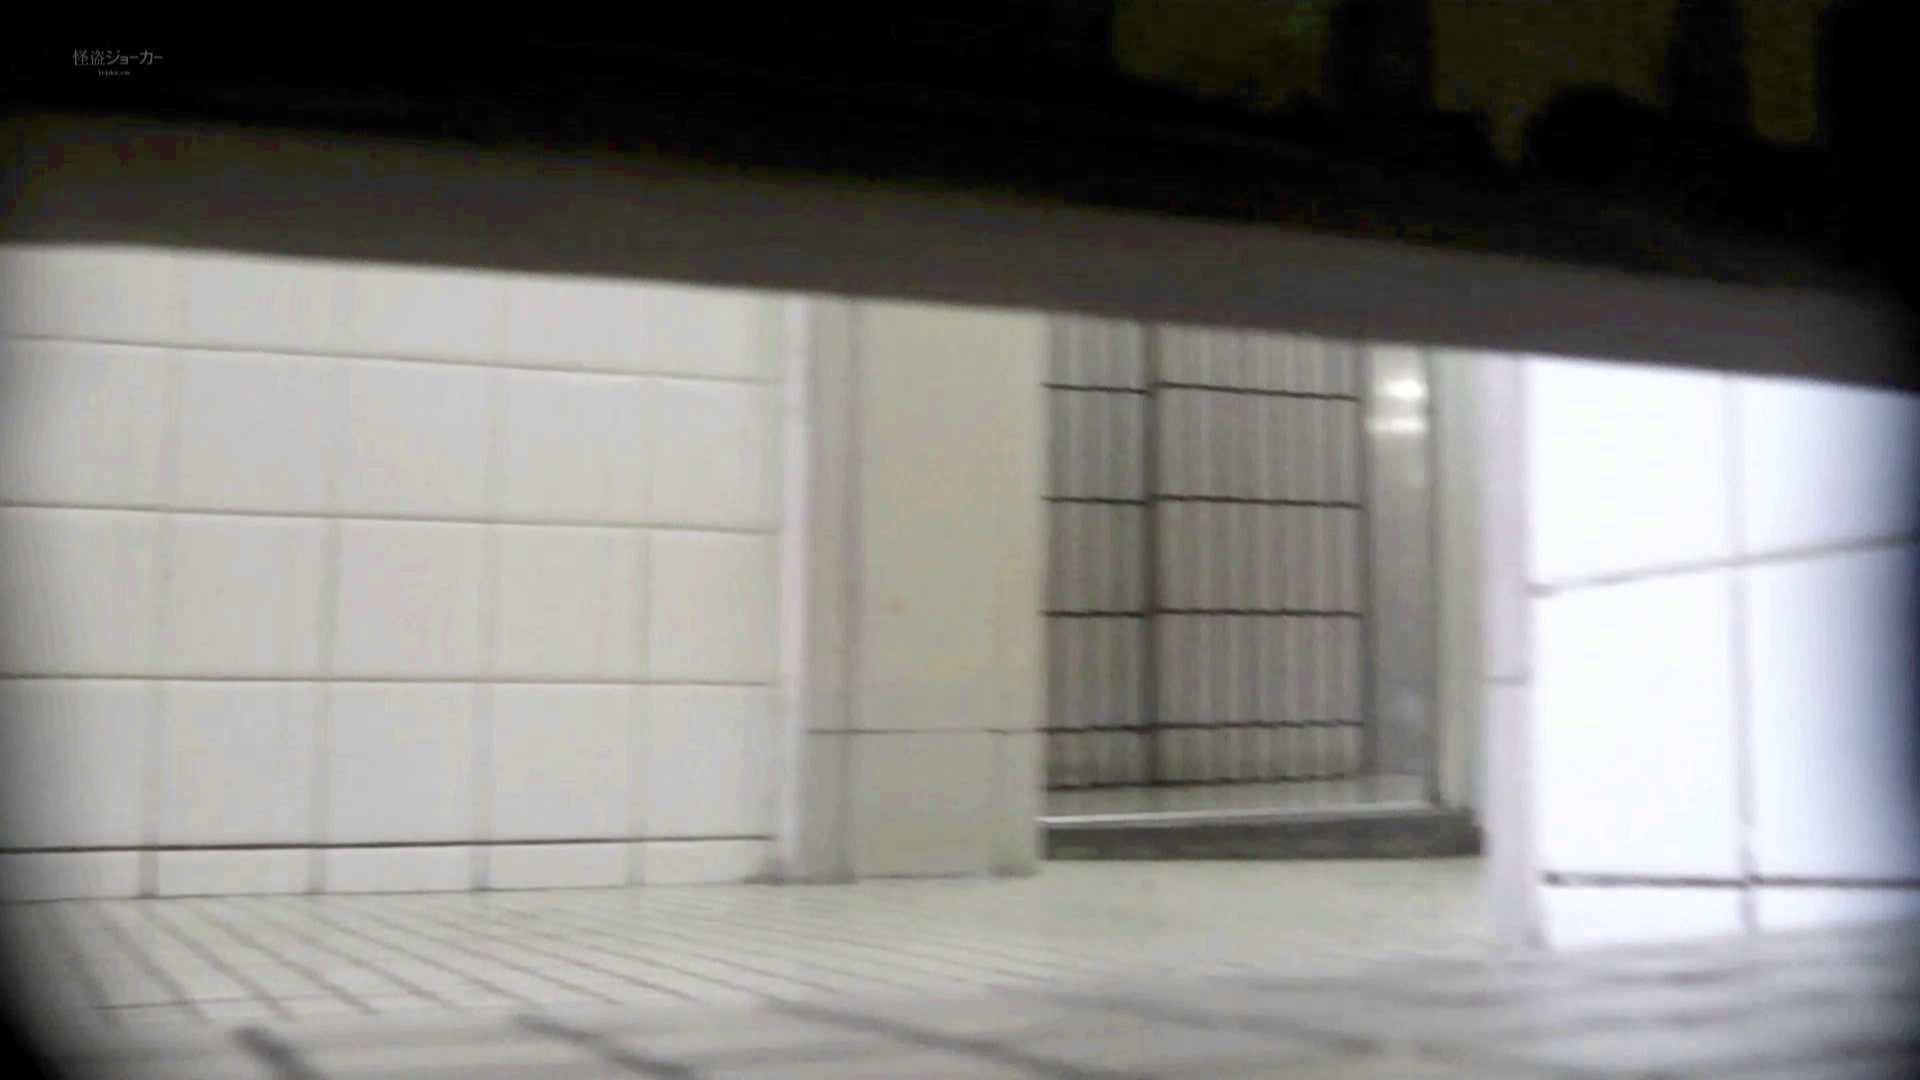 洗面所特攻隊 vol.68 前回のスーパー美女がついに【2015・14位】 洗面所着替え   OL  97連発 13